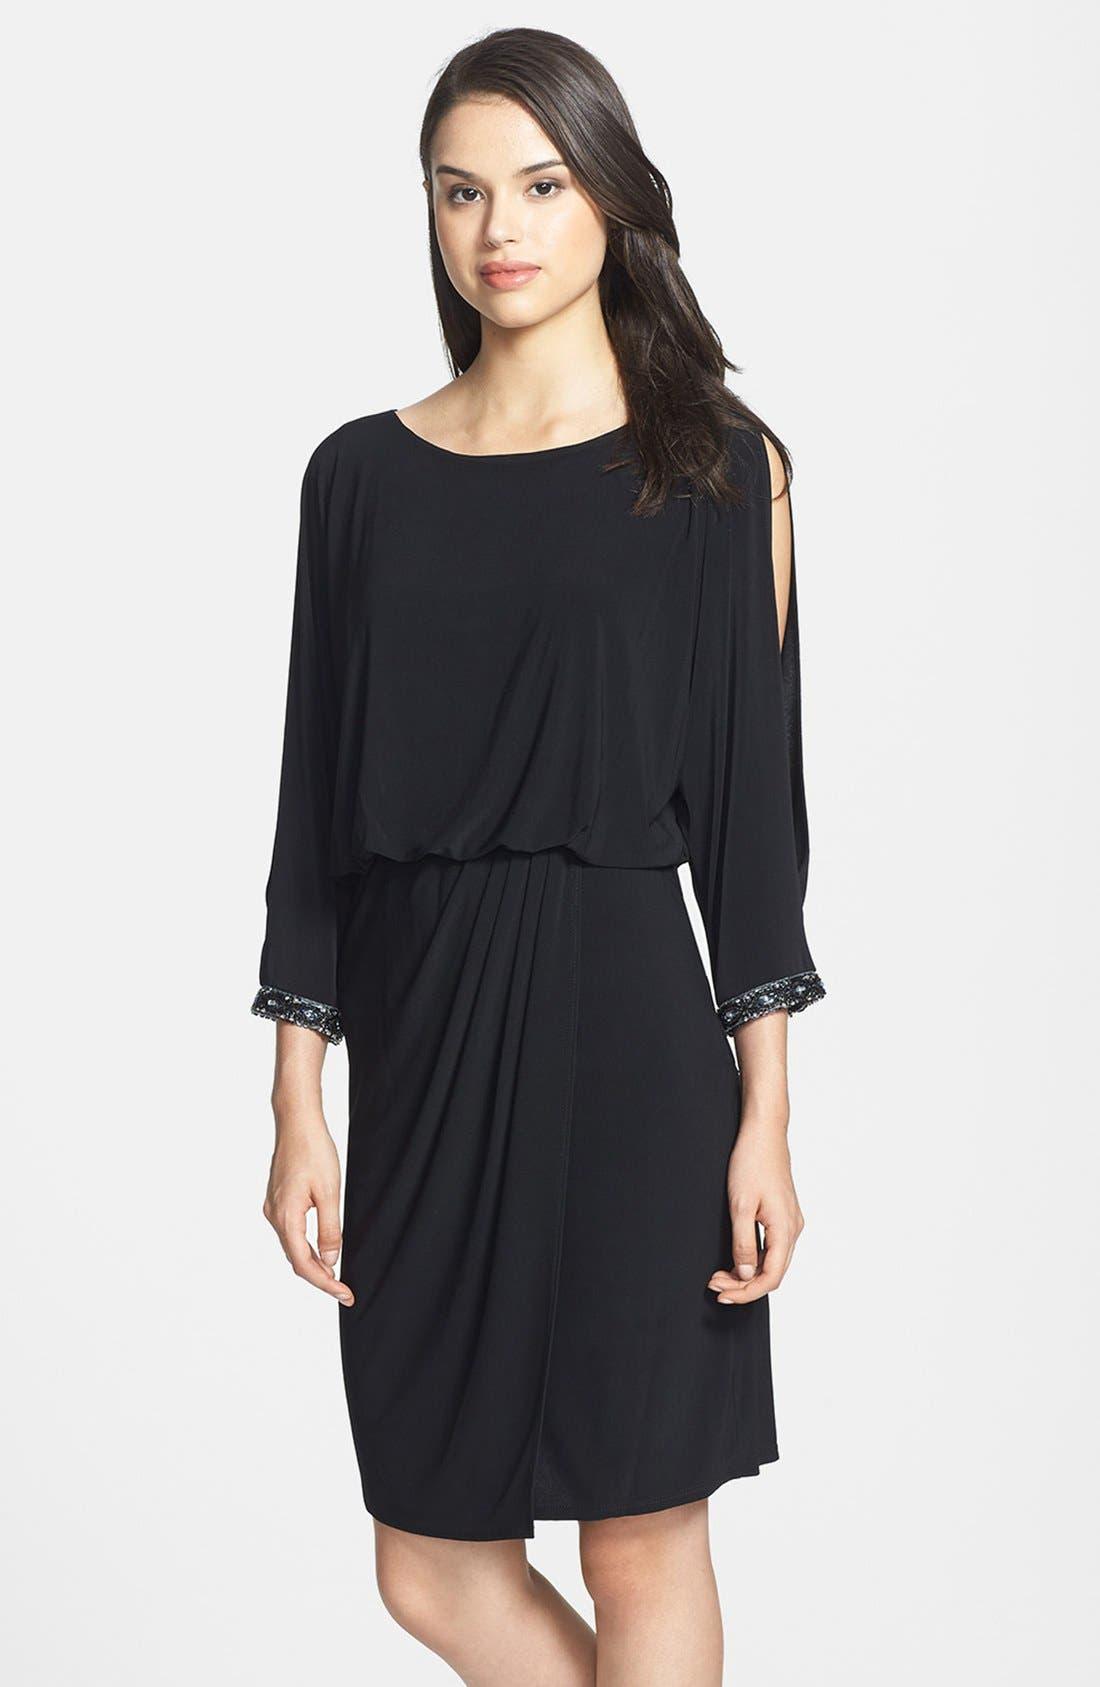 Alternate Image 1 Selected - Marina Embellished Cold Shoulder Jersey Blouson Dress